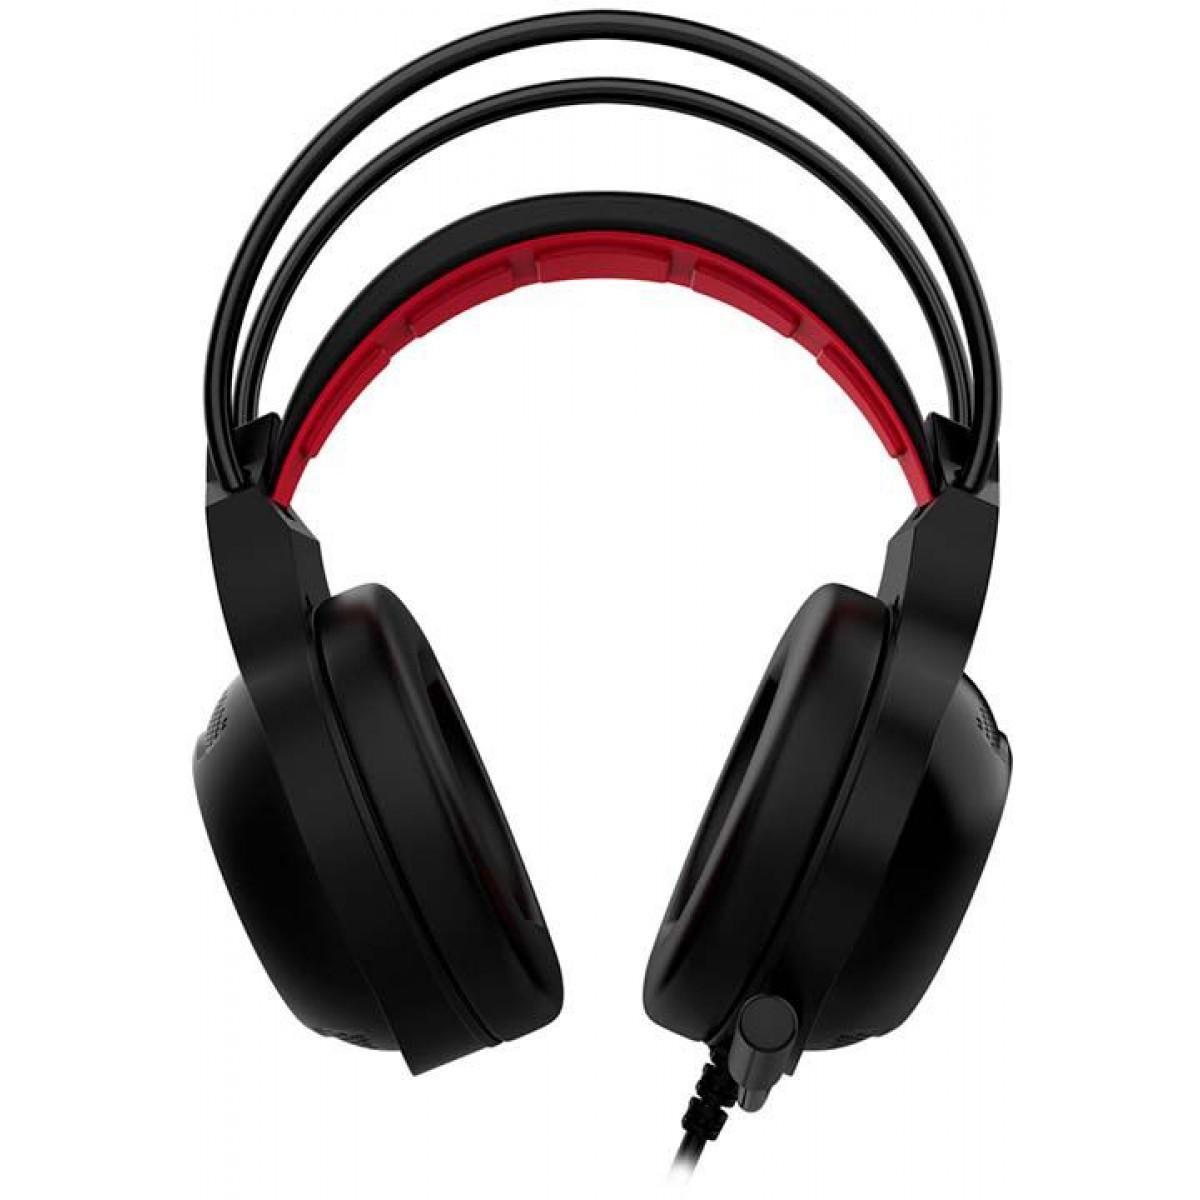 Headset Gamer Gamdias Eros E2 RGB, Preto/Vermelho, USB, Eros-E2